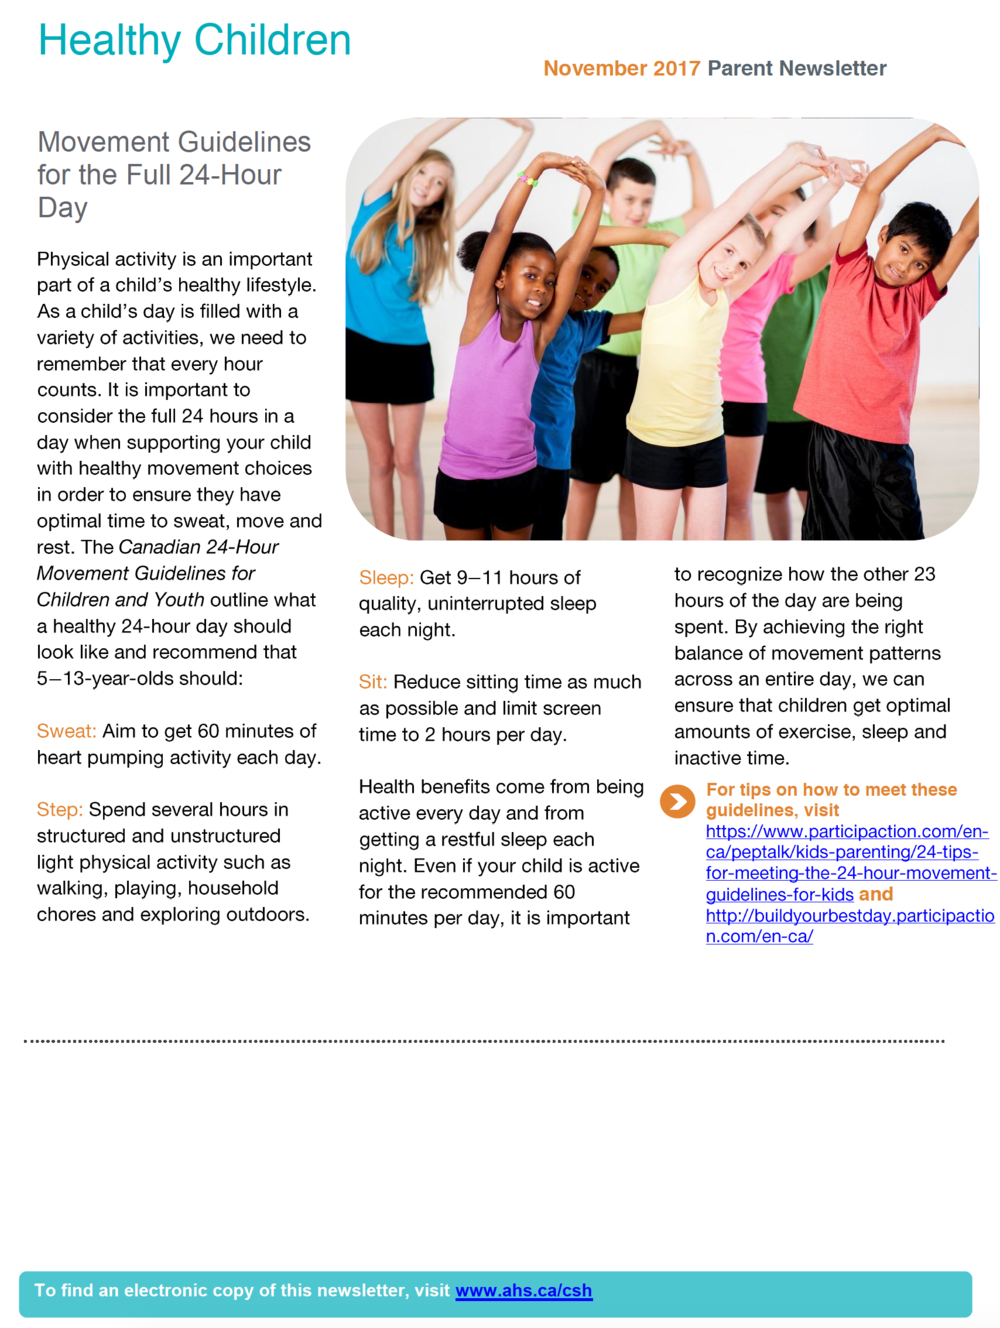 Healthy Children Page 2